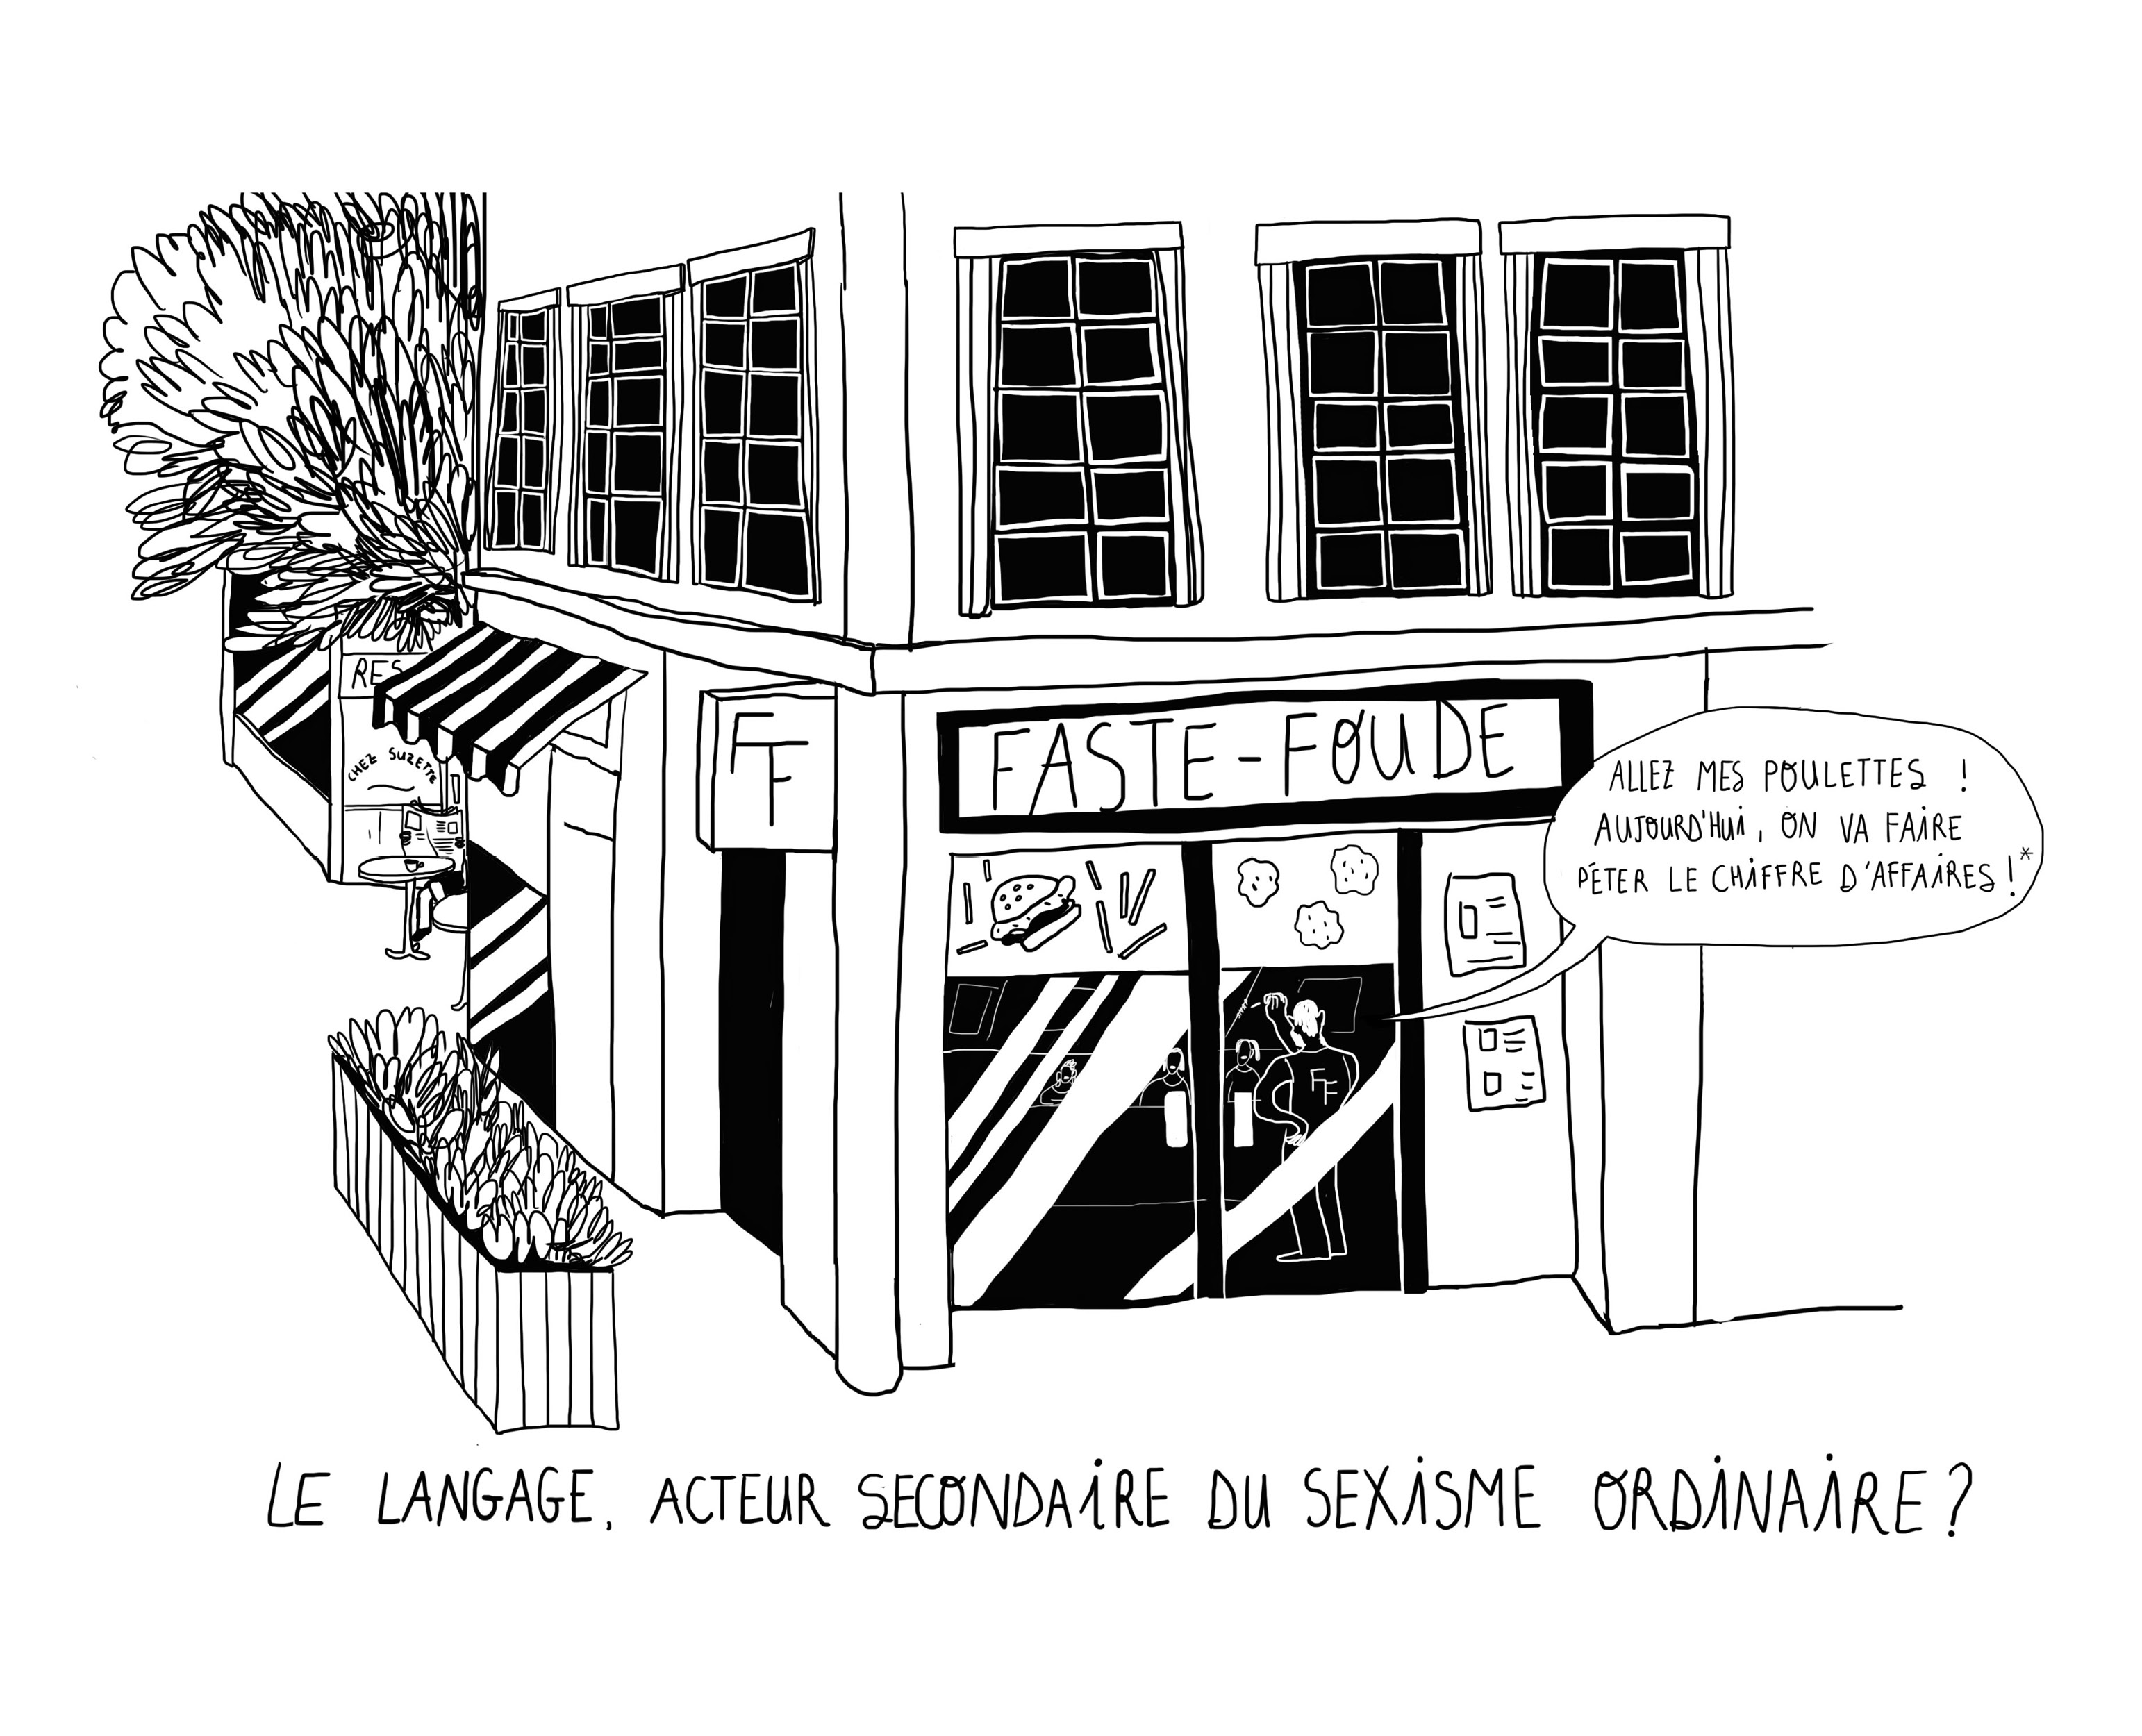 Illustrations de Laura Olivieri sur l'Écriture inclusive, les débats qu'elle provoque autour des questions du sexisme, du féminisme et de la langue française